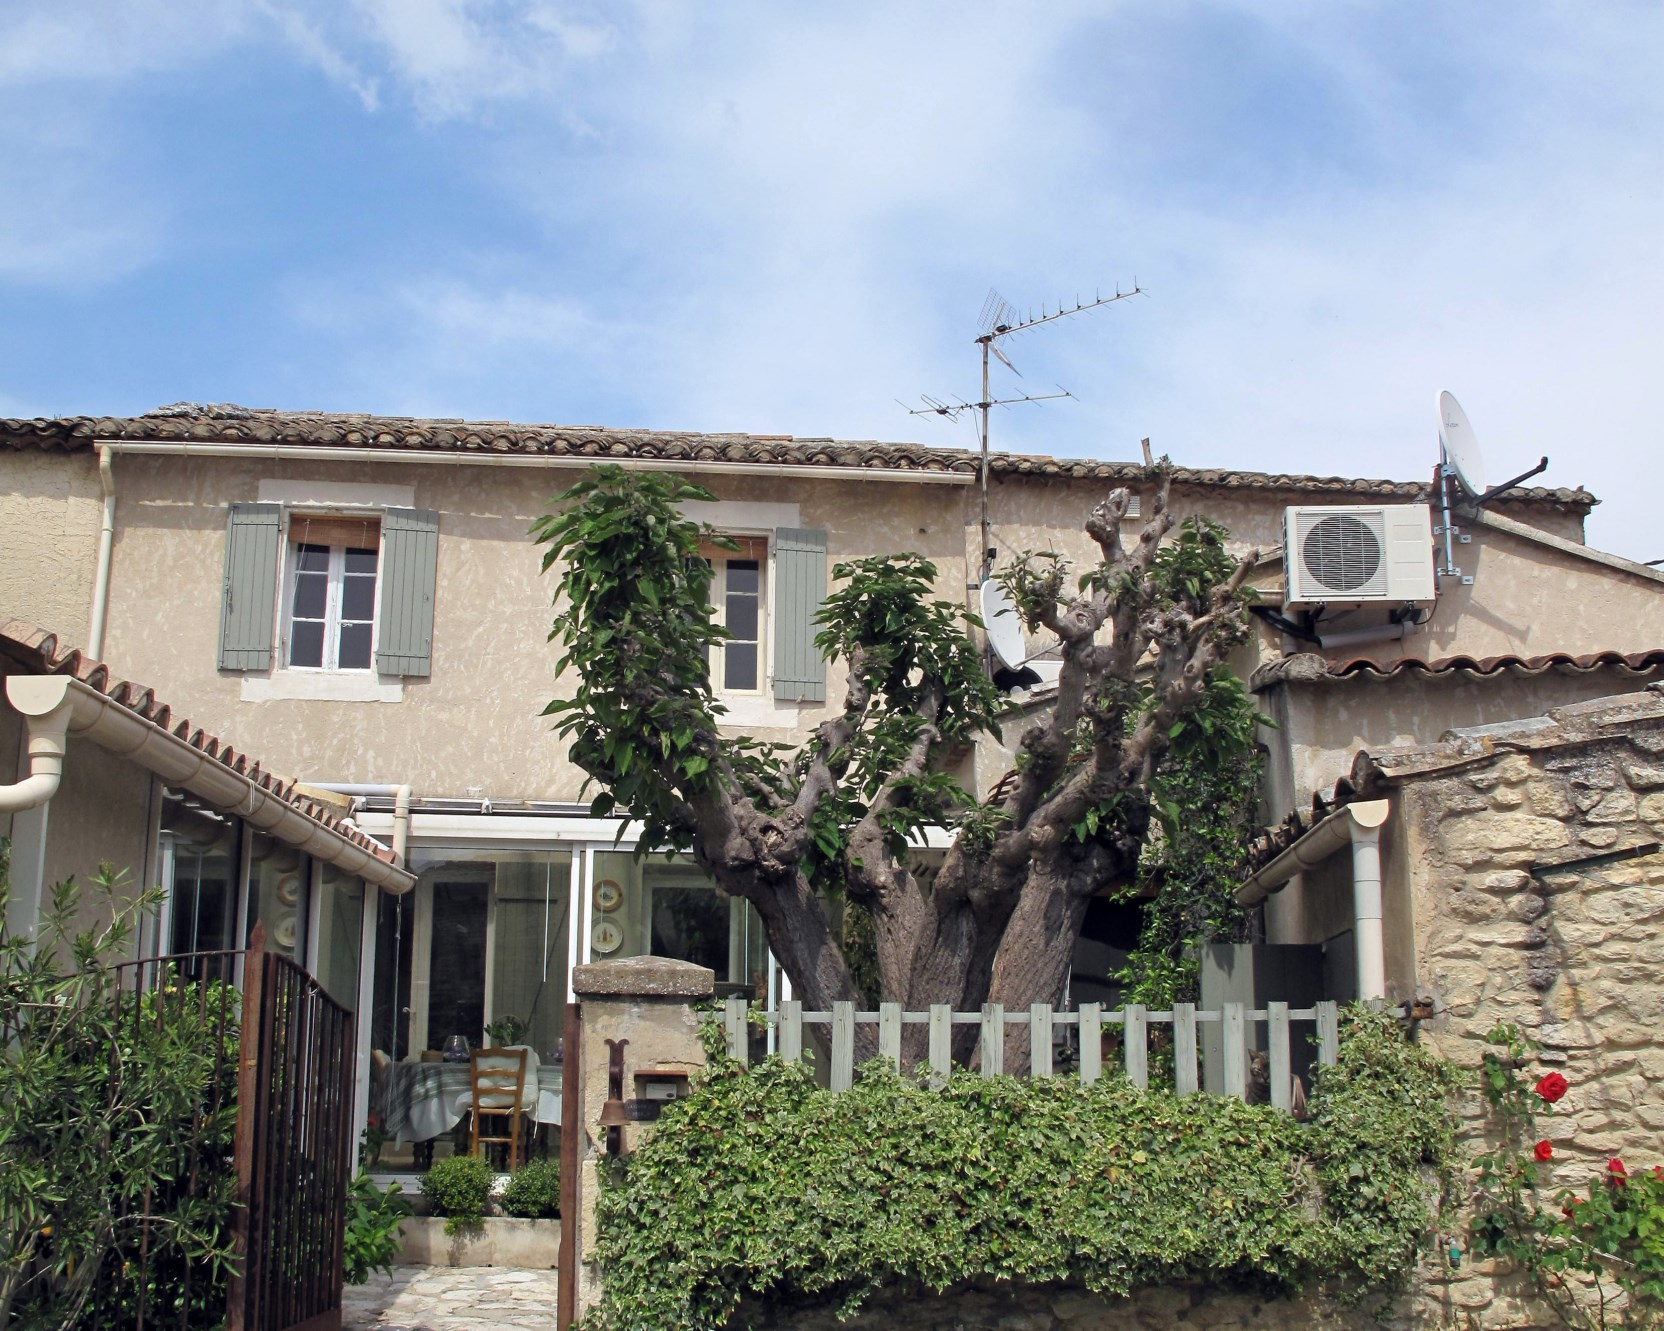 A vendre à Gordes,  maison de hameau en pierres, rénovée,  avec cour, jardin et garage